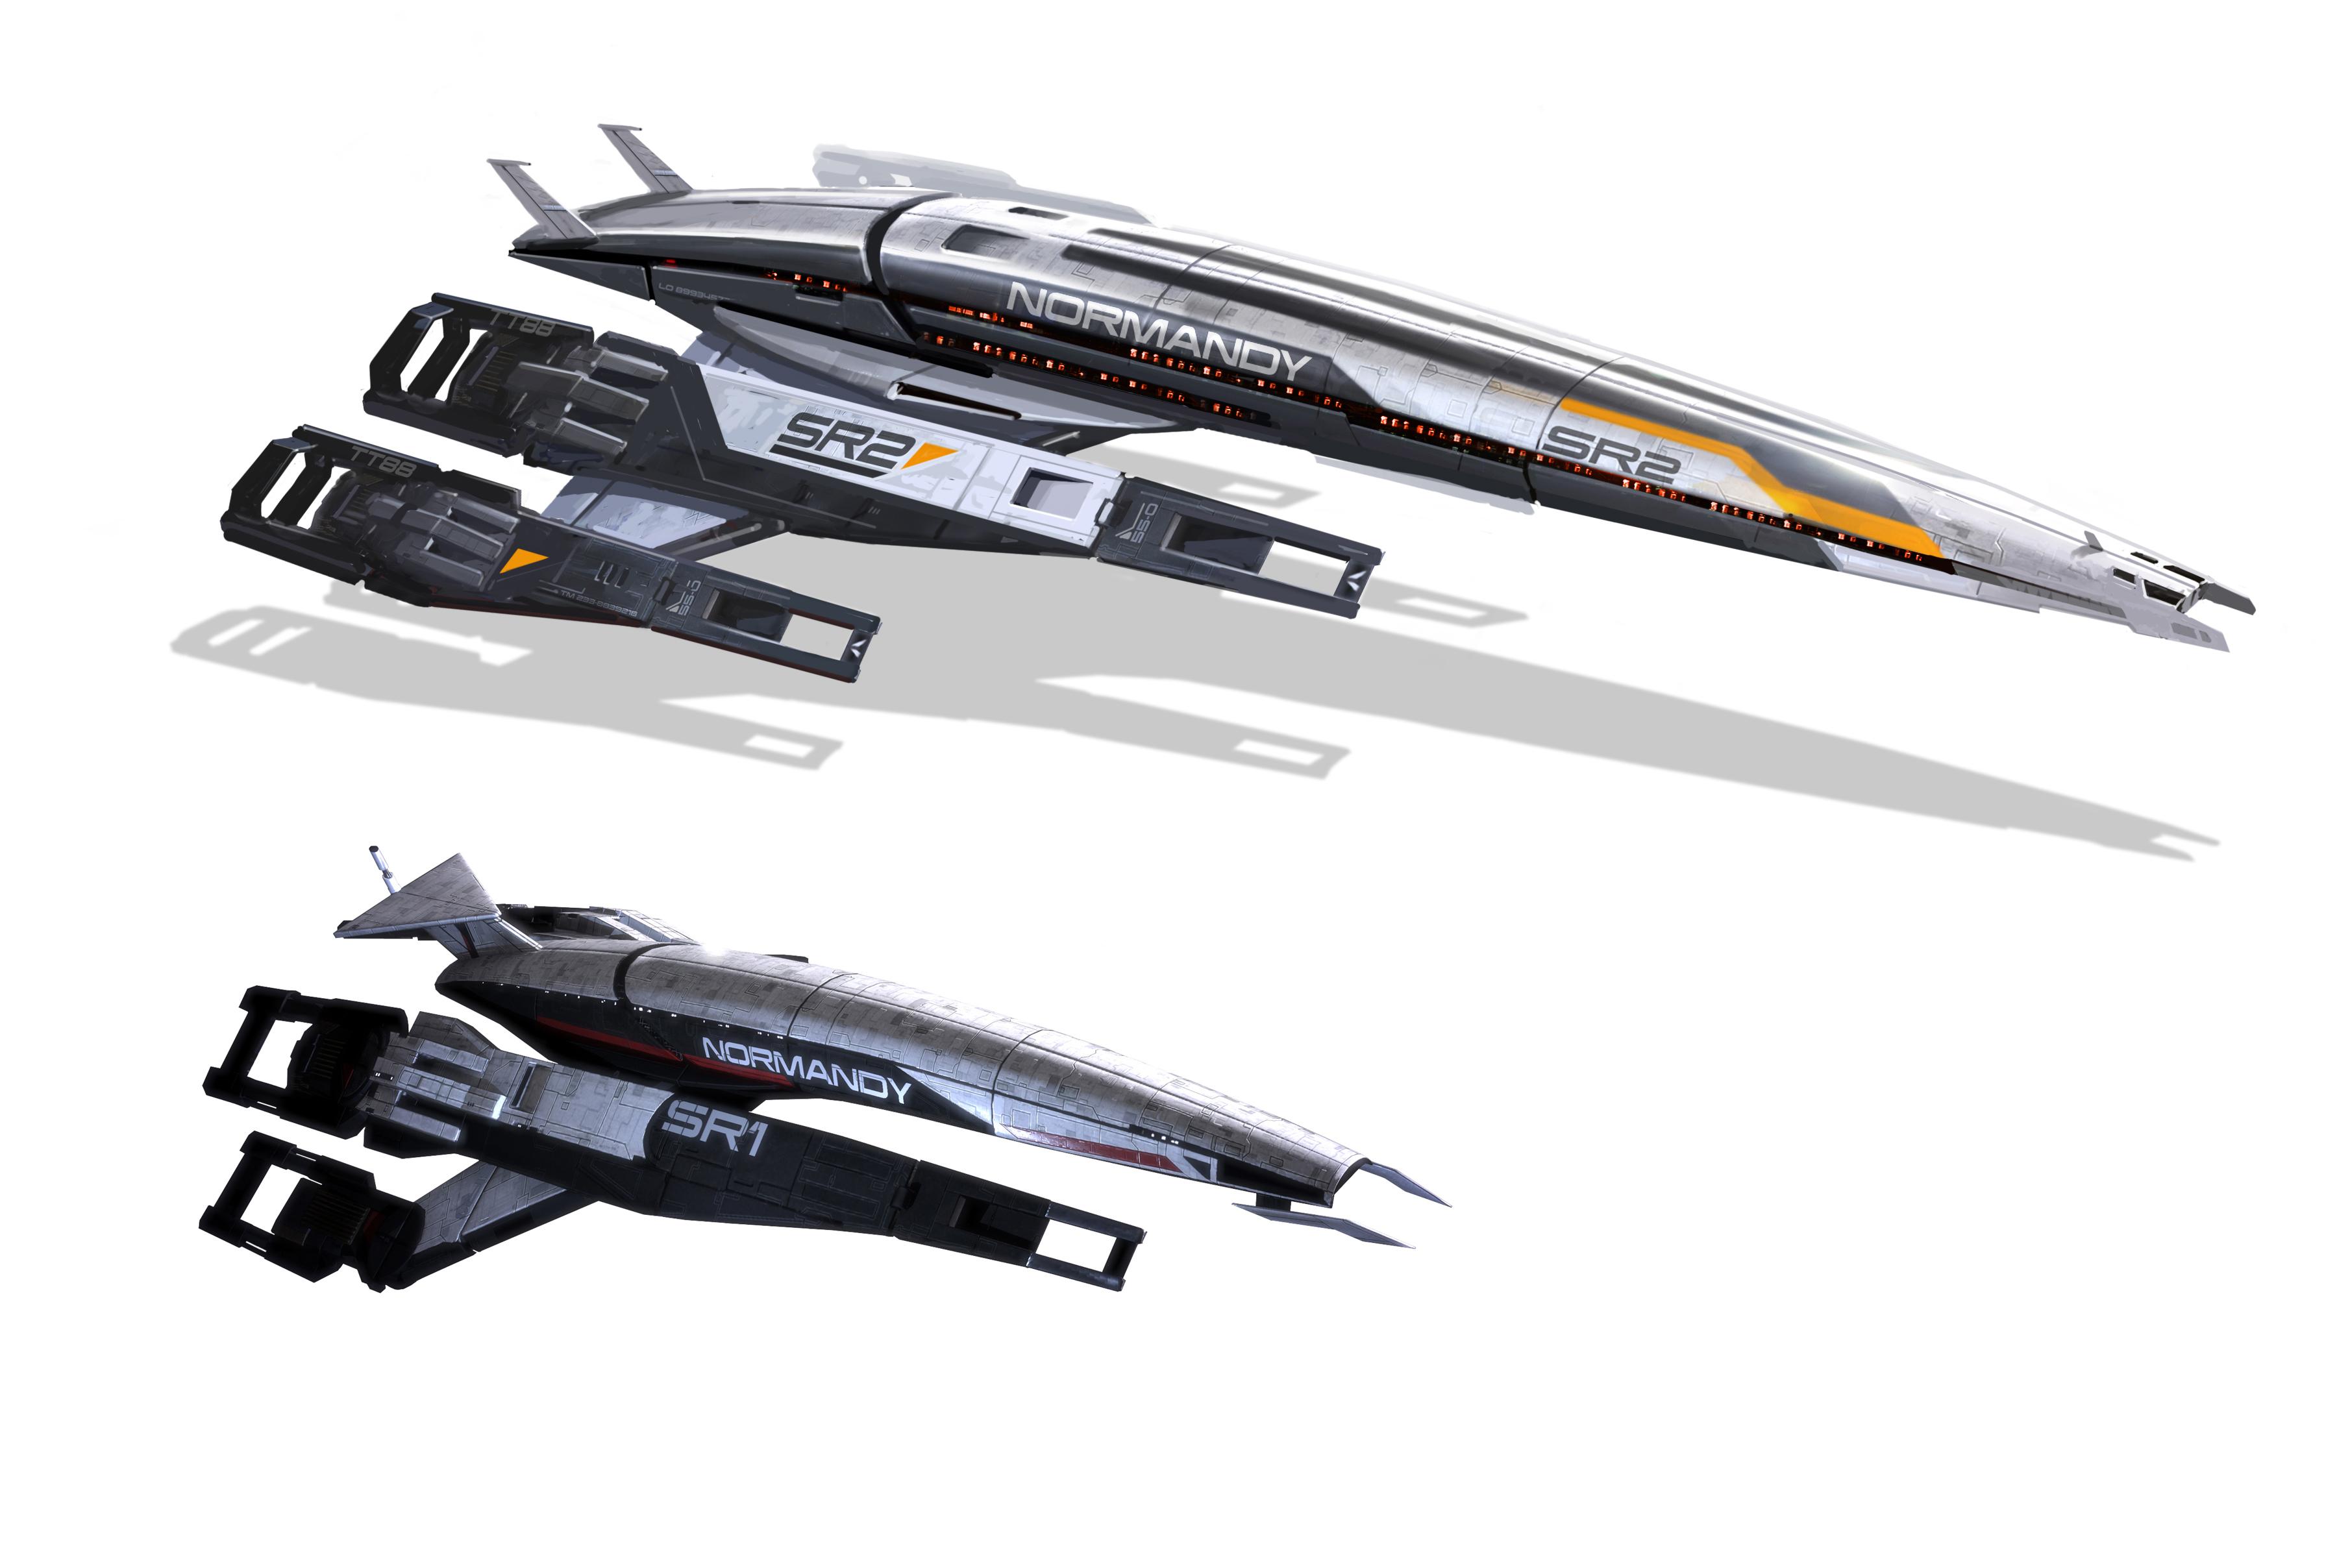 Schönstes Raumschiff Im Sci-Fi 2011 ?